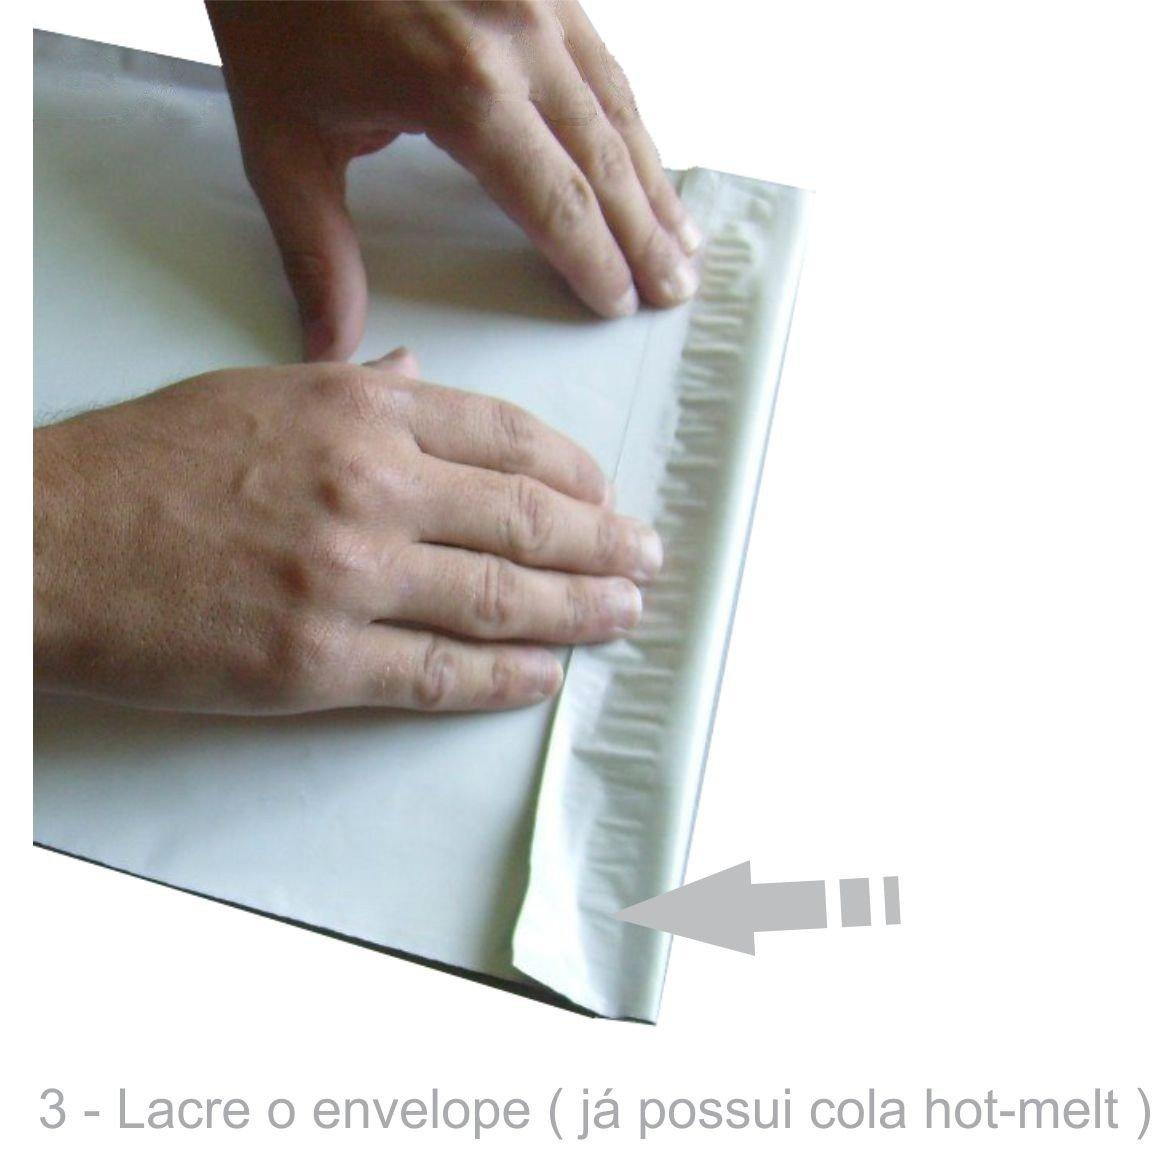 Envelope Plástico Segurança Lacre Tipo Sedex Impresso 26x36 (500pcs)